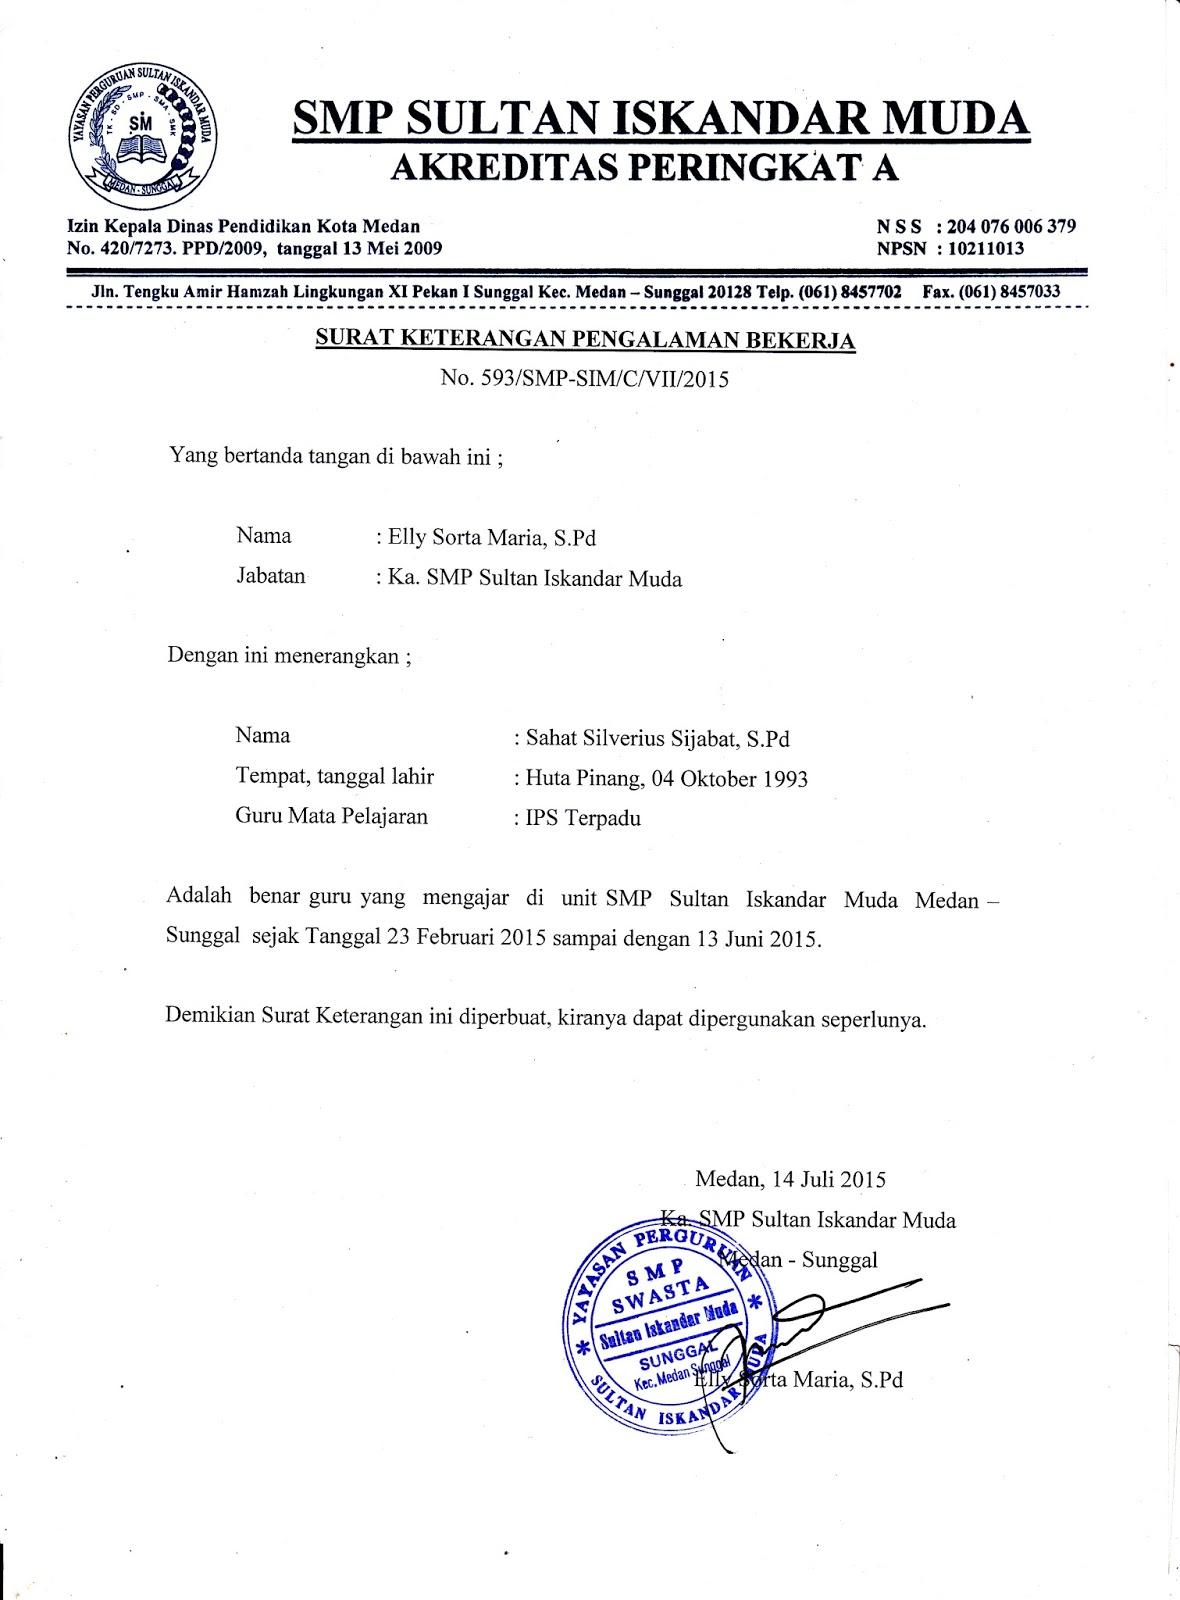 surat keterangan pengalaman kerja dari smp sultan iskandar